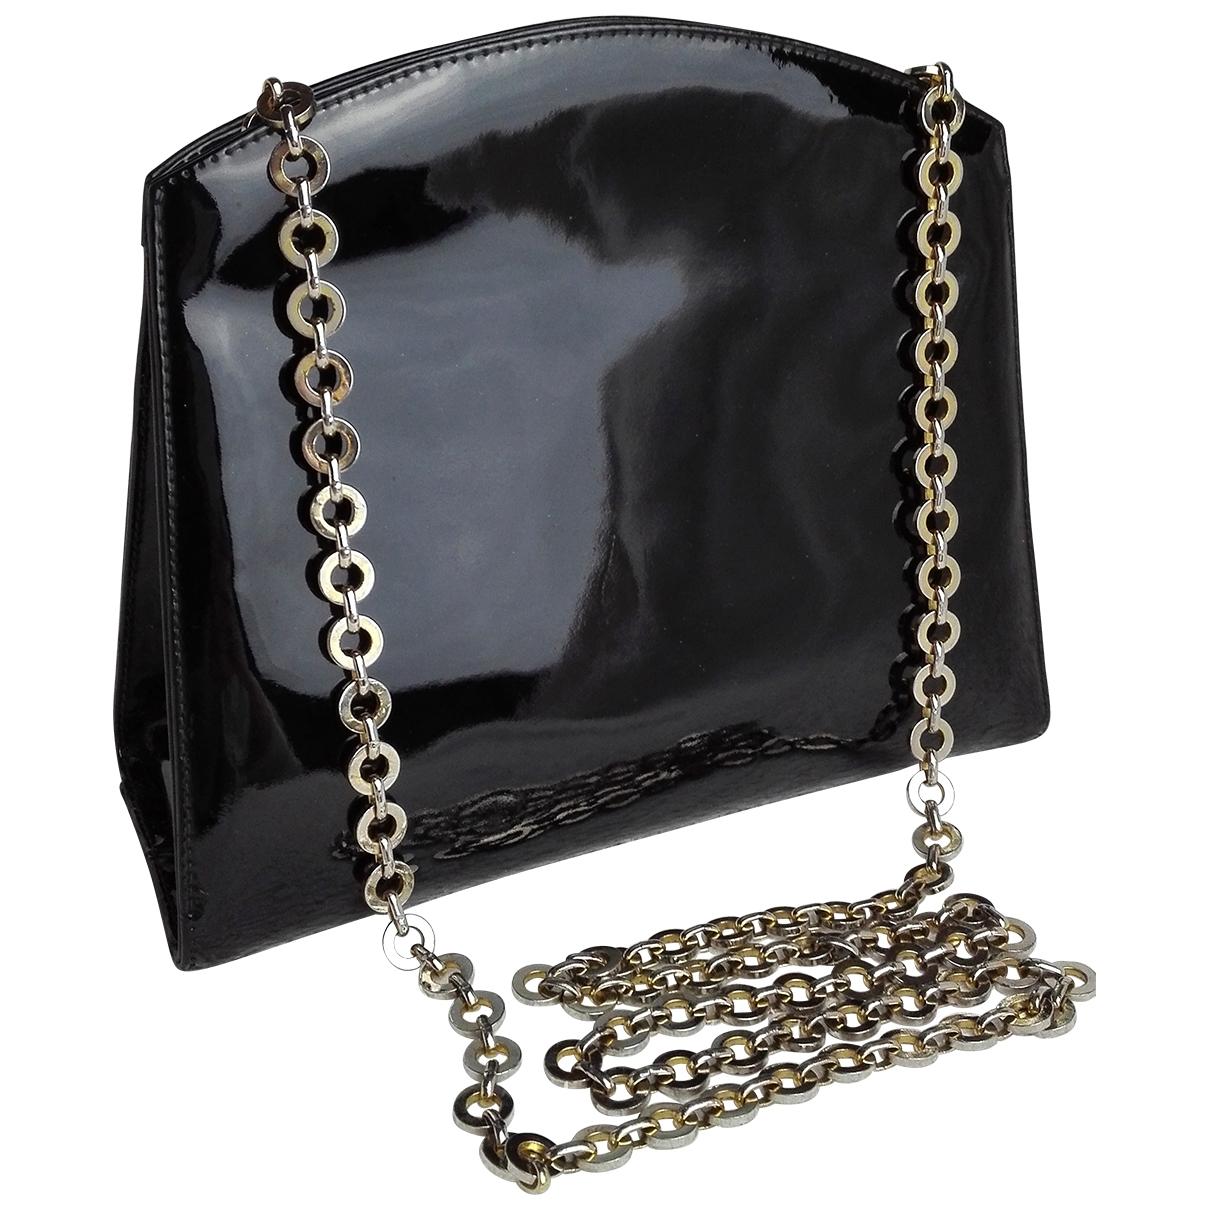 Salvatore Ferragamo \N Handtasche in  Schwarz Lackleder